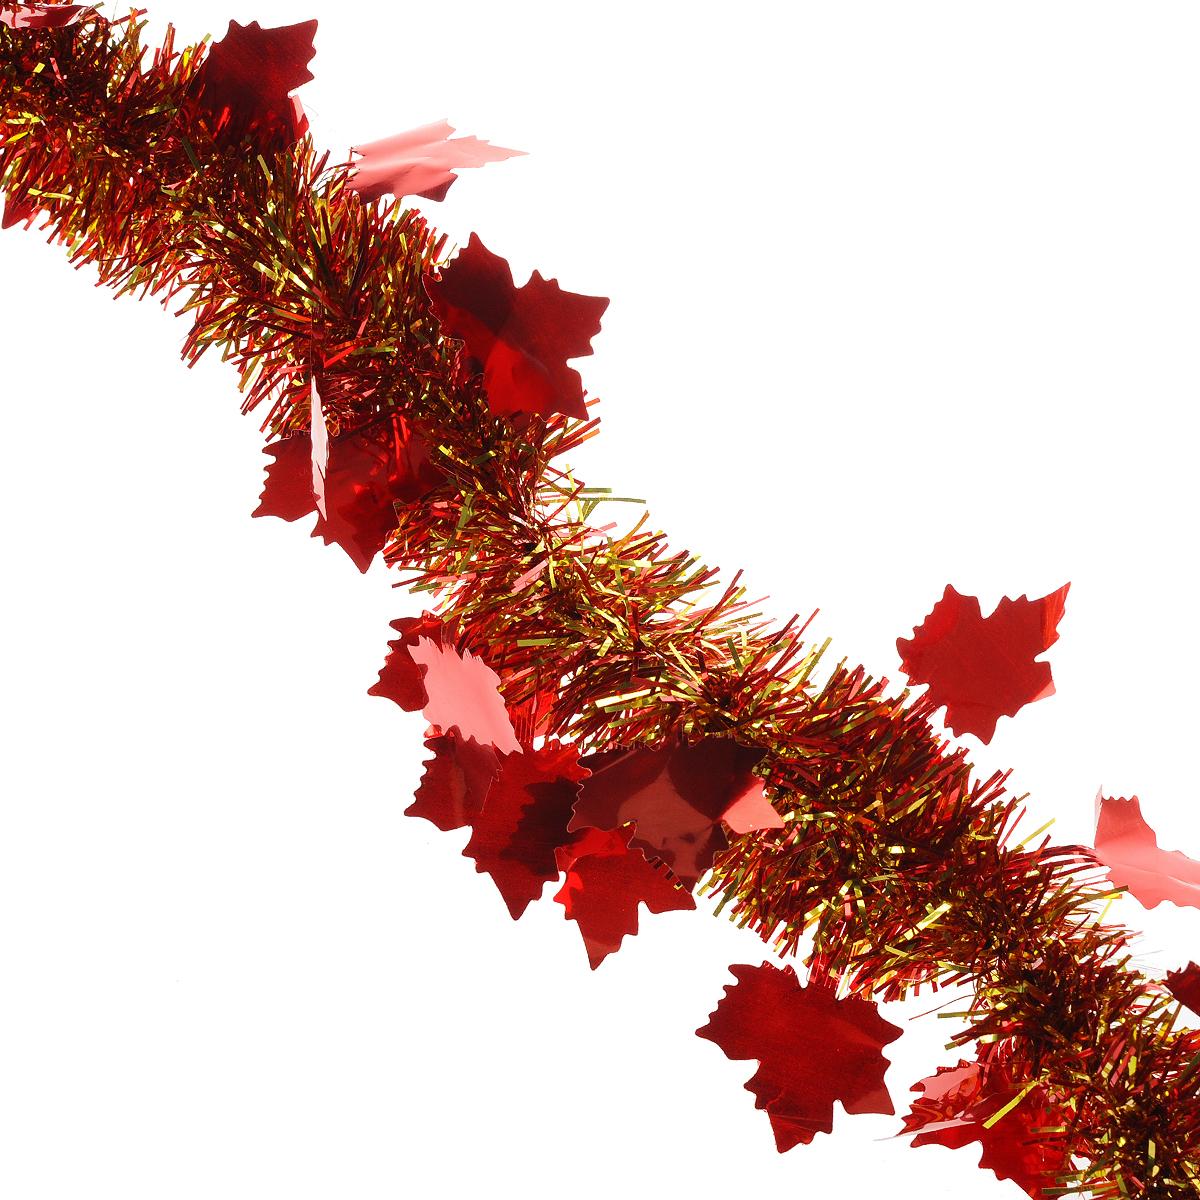 Мишура новогодняя Sima-land, цвет: золотистый, красный, диаметр 5 см, длина 2 м. 702606702606Новогодняя мишура Sima-land, выполненная из фольги, поможет вам украсить свой дом к предстоящим праздникам. А новогодняя елка с таким украшением станет еще наряднее. Мишура армирована, то есть имеет проволоку внутри и способна сохранять приданную ей форму. Новогодней мишурой можно украсить все, что угодно - елку, квартиру, дачу, офис - как внутри, так и снаружи. Можно сложить новогодние поздравления, буквы и цифры, мишурой можно украсить и дополнить гирлянды, можно выделить дверные колонны, оплести дверные проемы. Коллекция декоративных украшений из серии Зимнее волшебство принесет в ваш дом ни с чем несравнимое ощущение праздника! Создайте в своем доме атмосферу тепла, веселья и радости, украшая его всей семьей.